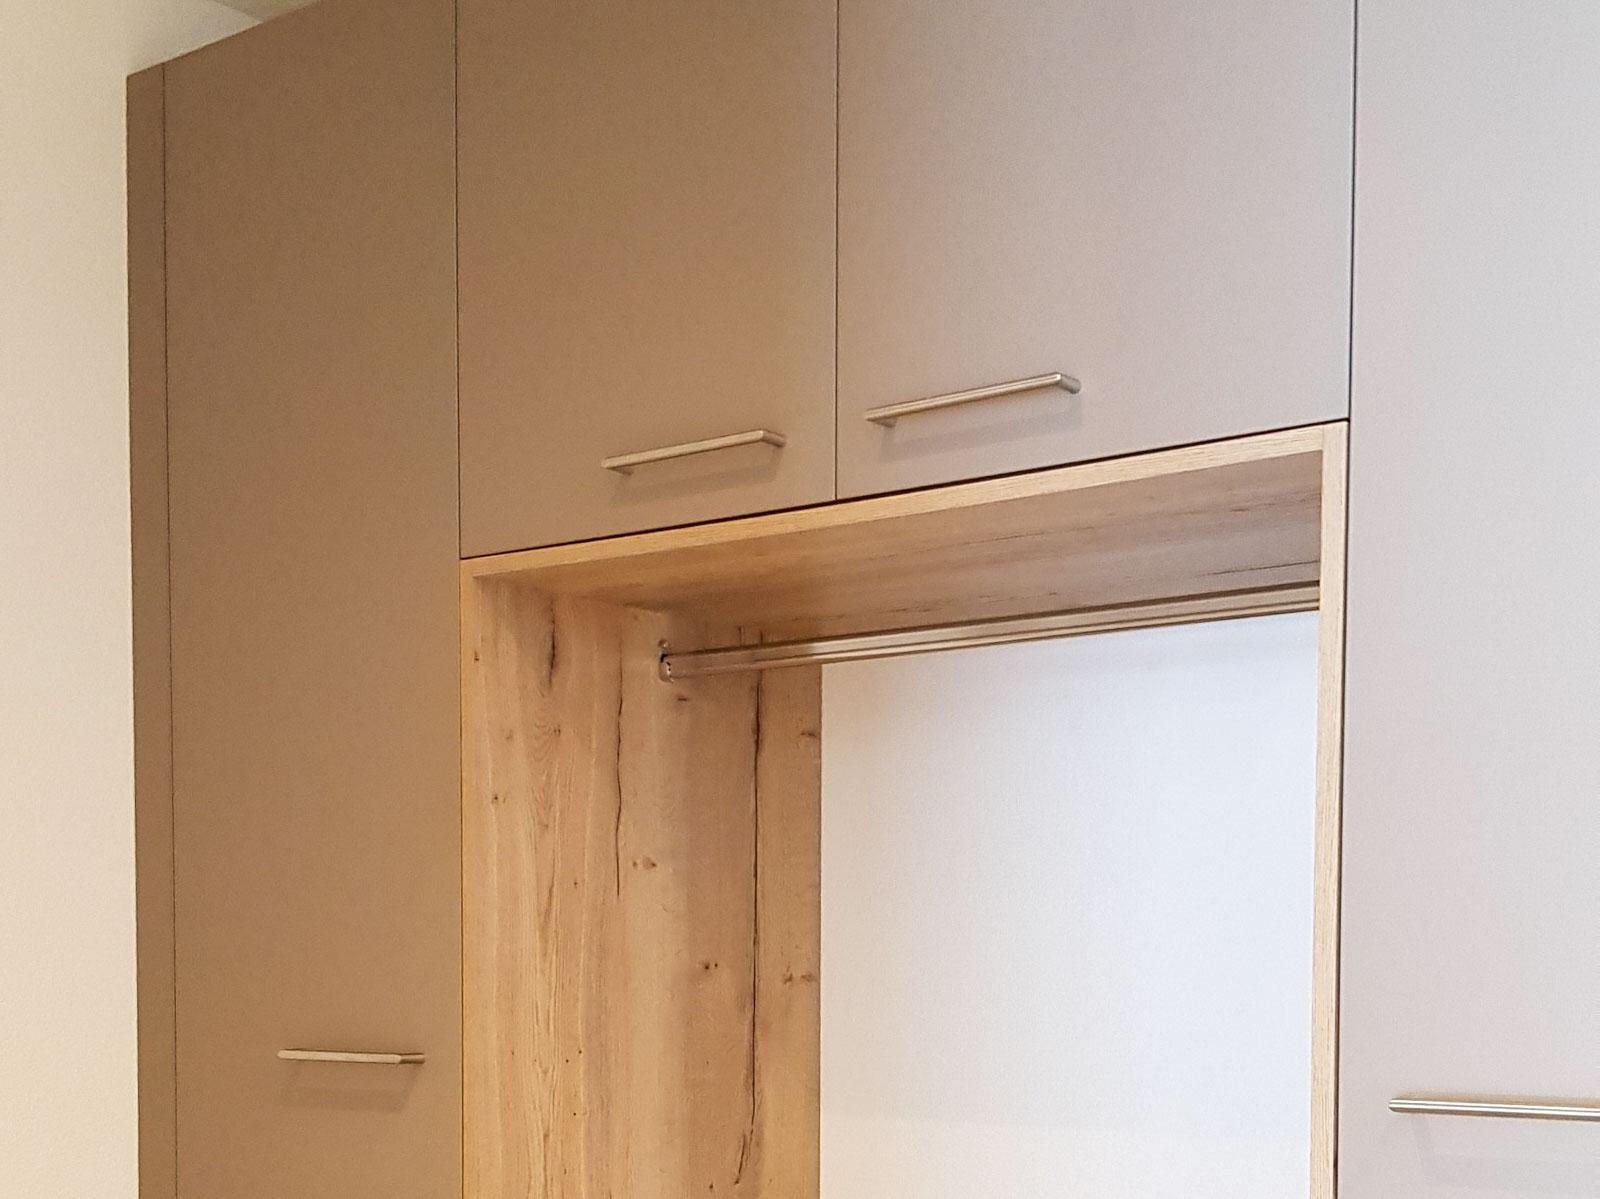 Wooddesign_Garderobe_Gästegarderobe_Putzschrank_offene Garderobe_Eiche hell_Erdfarbe_ beige (5)